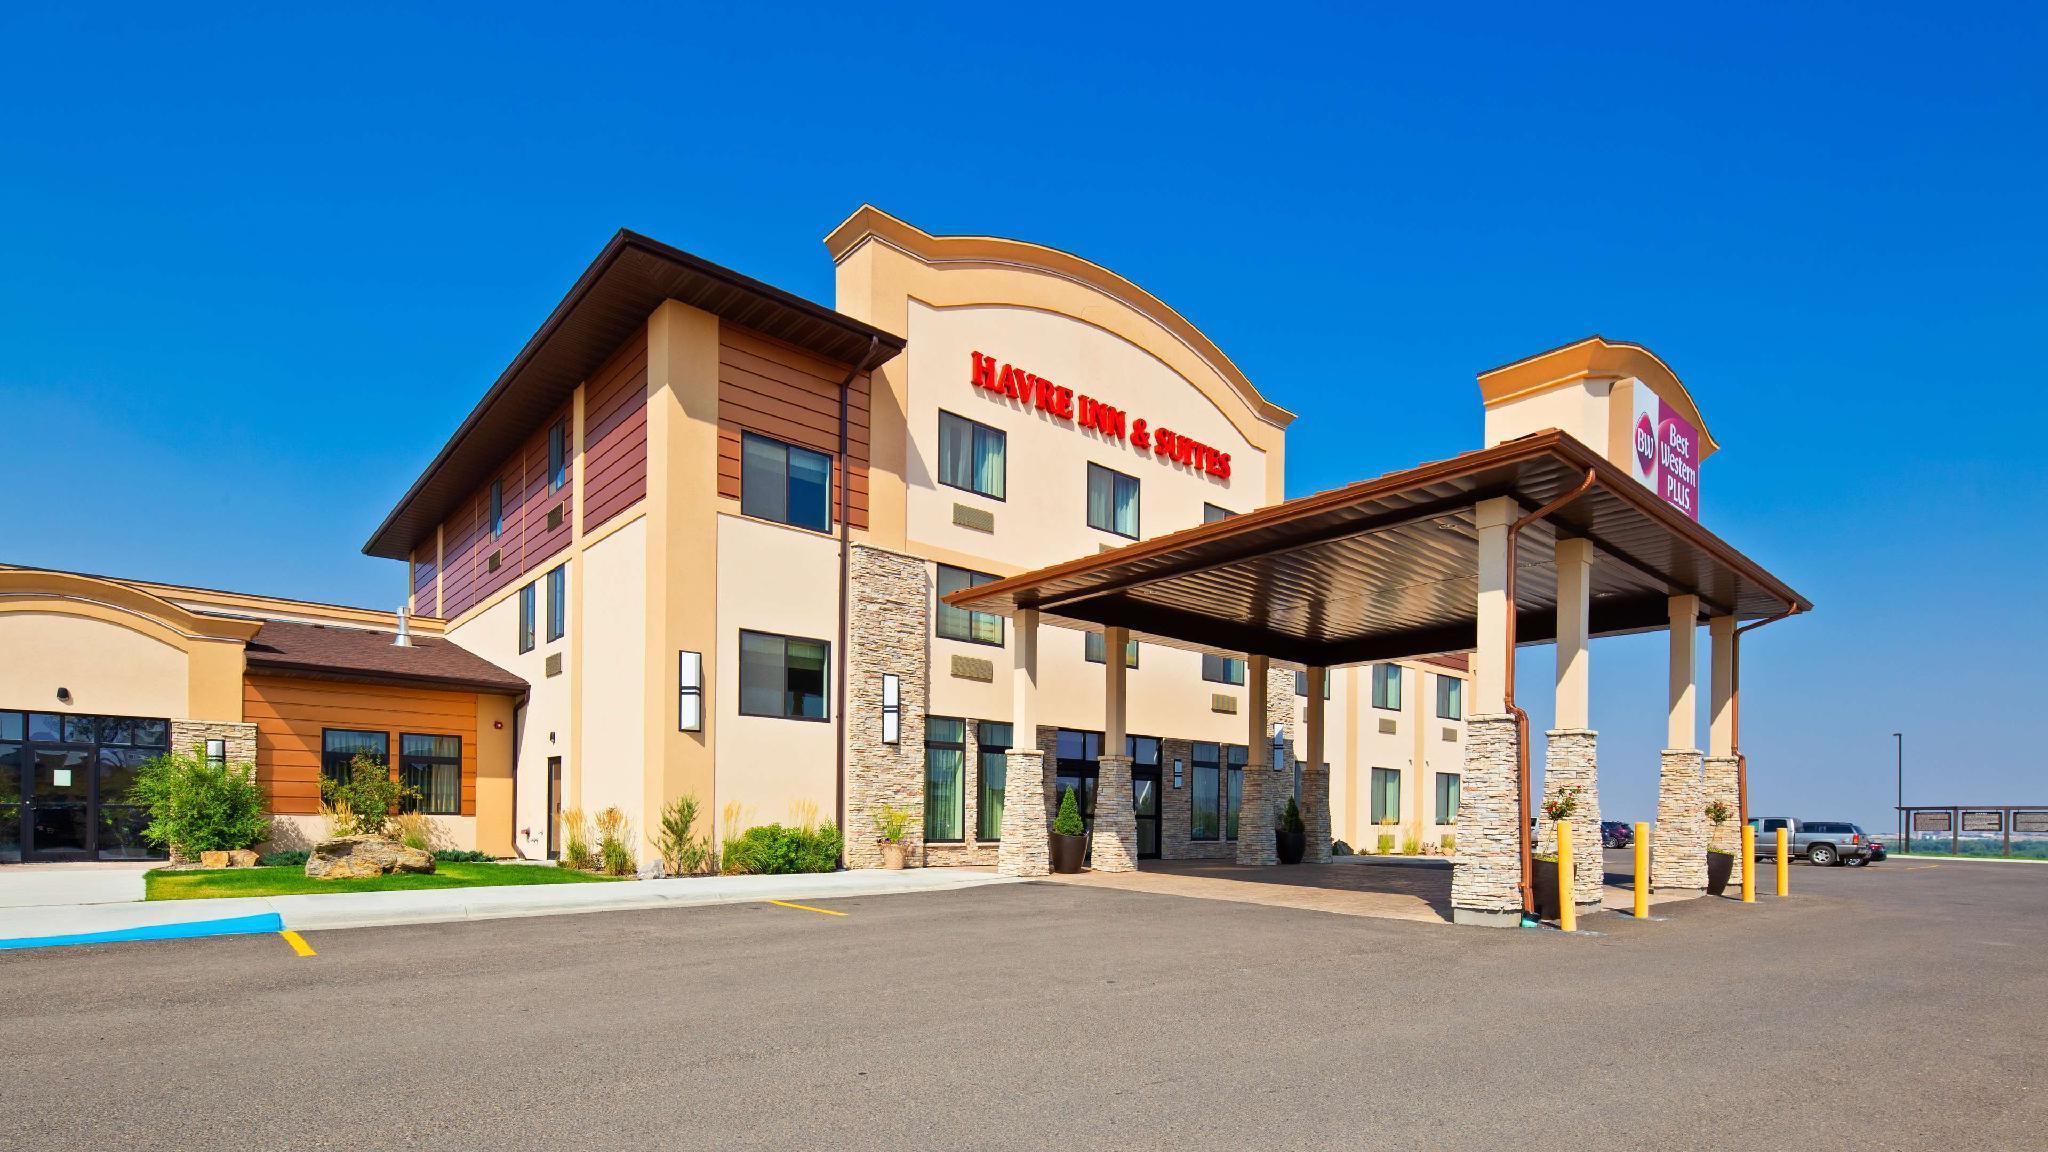 Best Western Plus Havre Inn And Suites